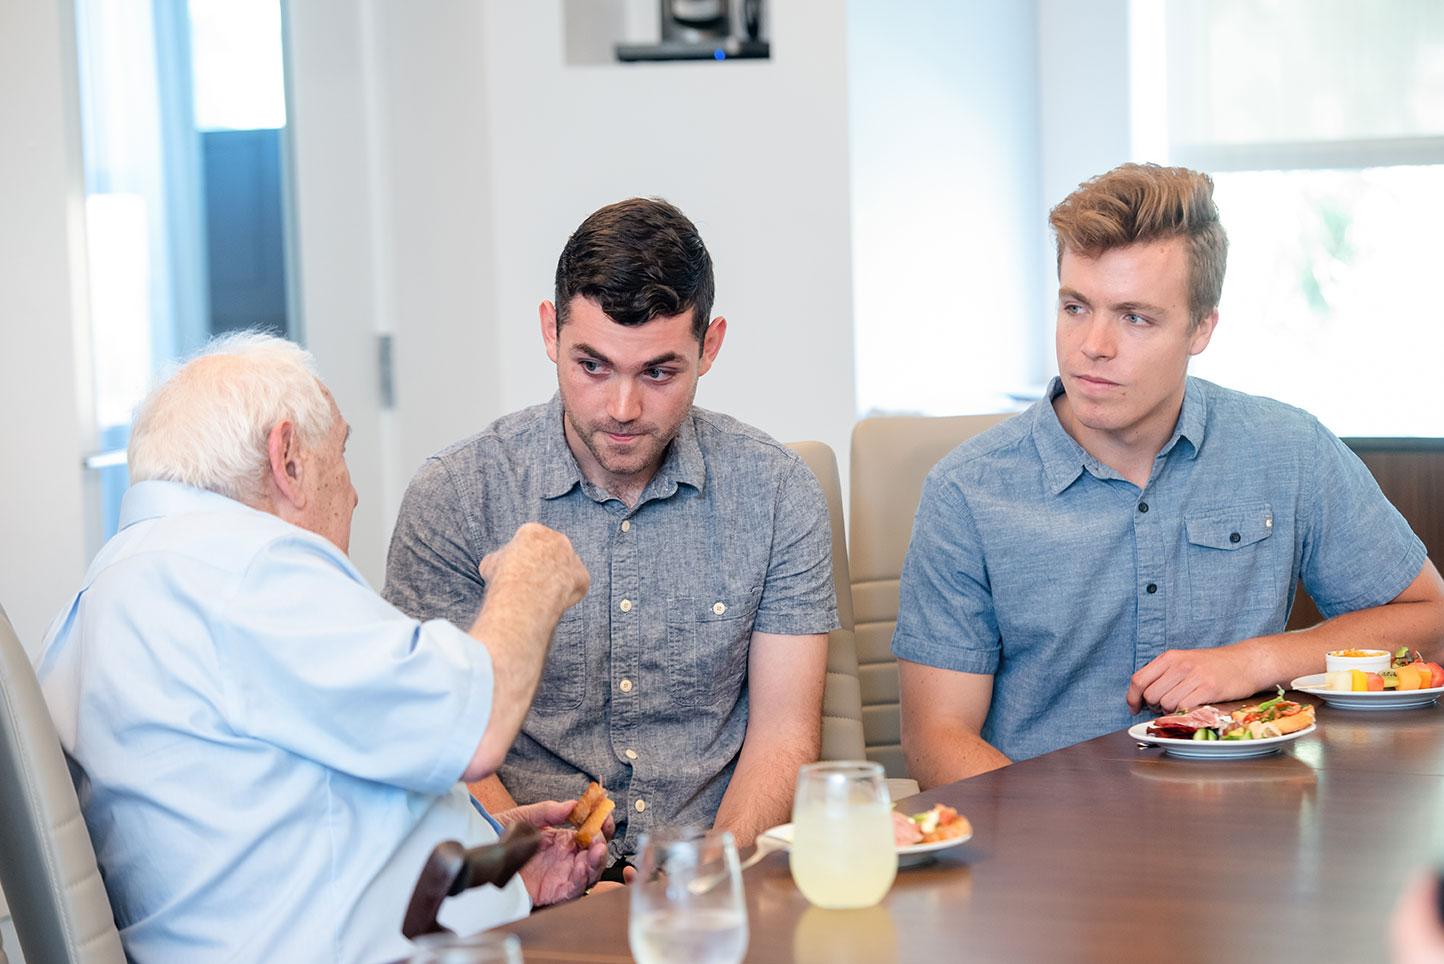 George Weiss speaking with former interns Alex Biniaz-Harris and Ambrose Soehn